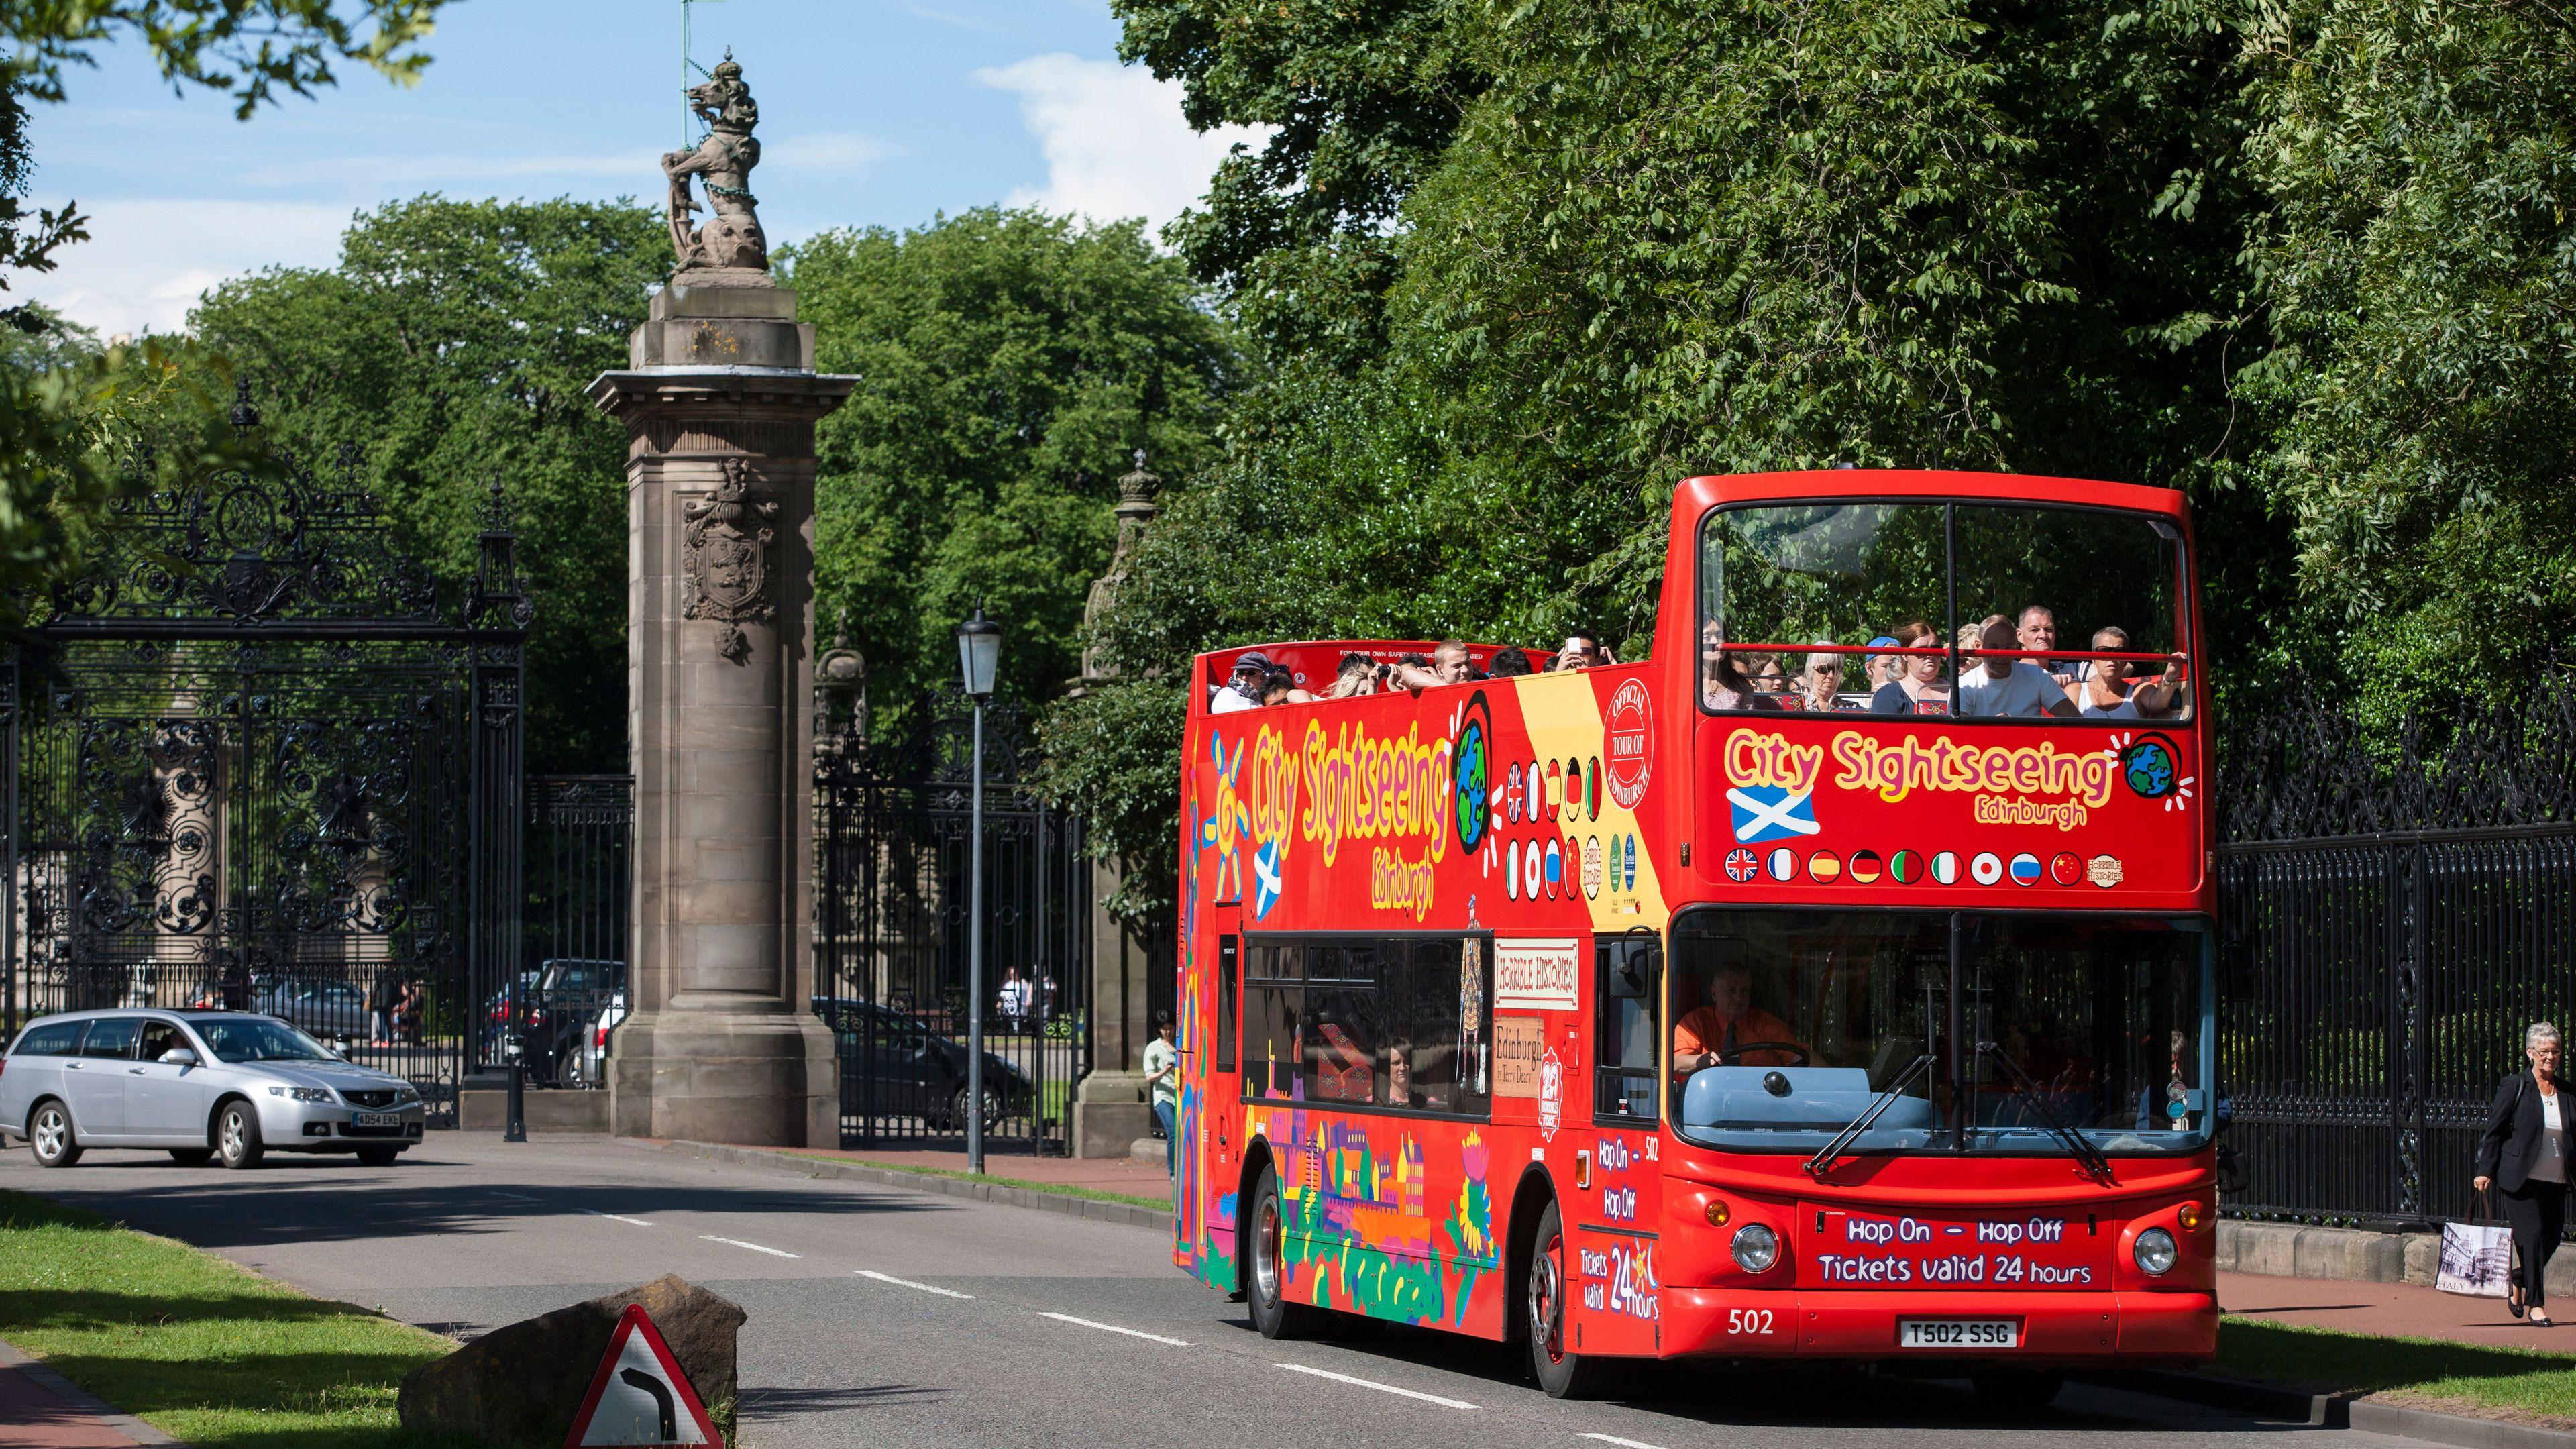 Visita a Edimburgo en el autobús turístico City Sightseeing